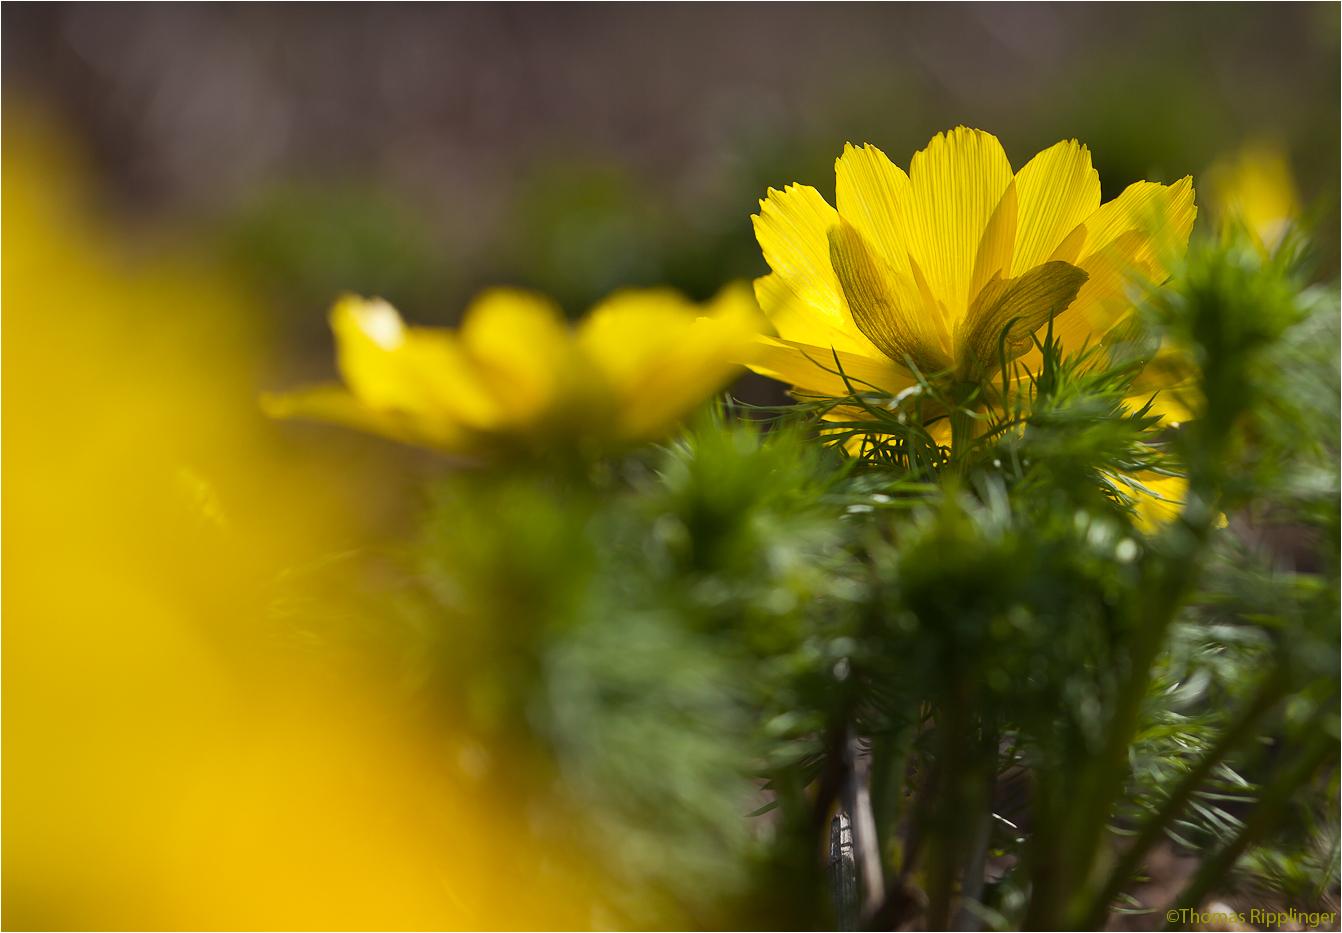 Frühlings-Adonisröschen oder Frühlings-Adonis (Adonis vernalis)....